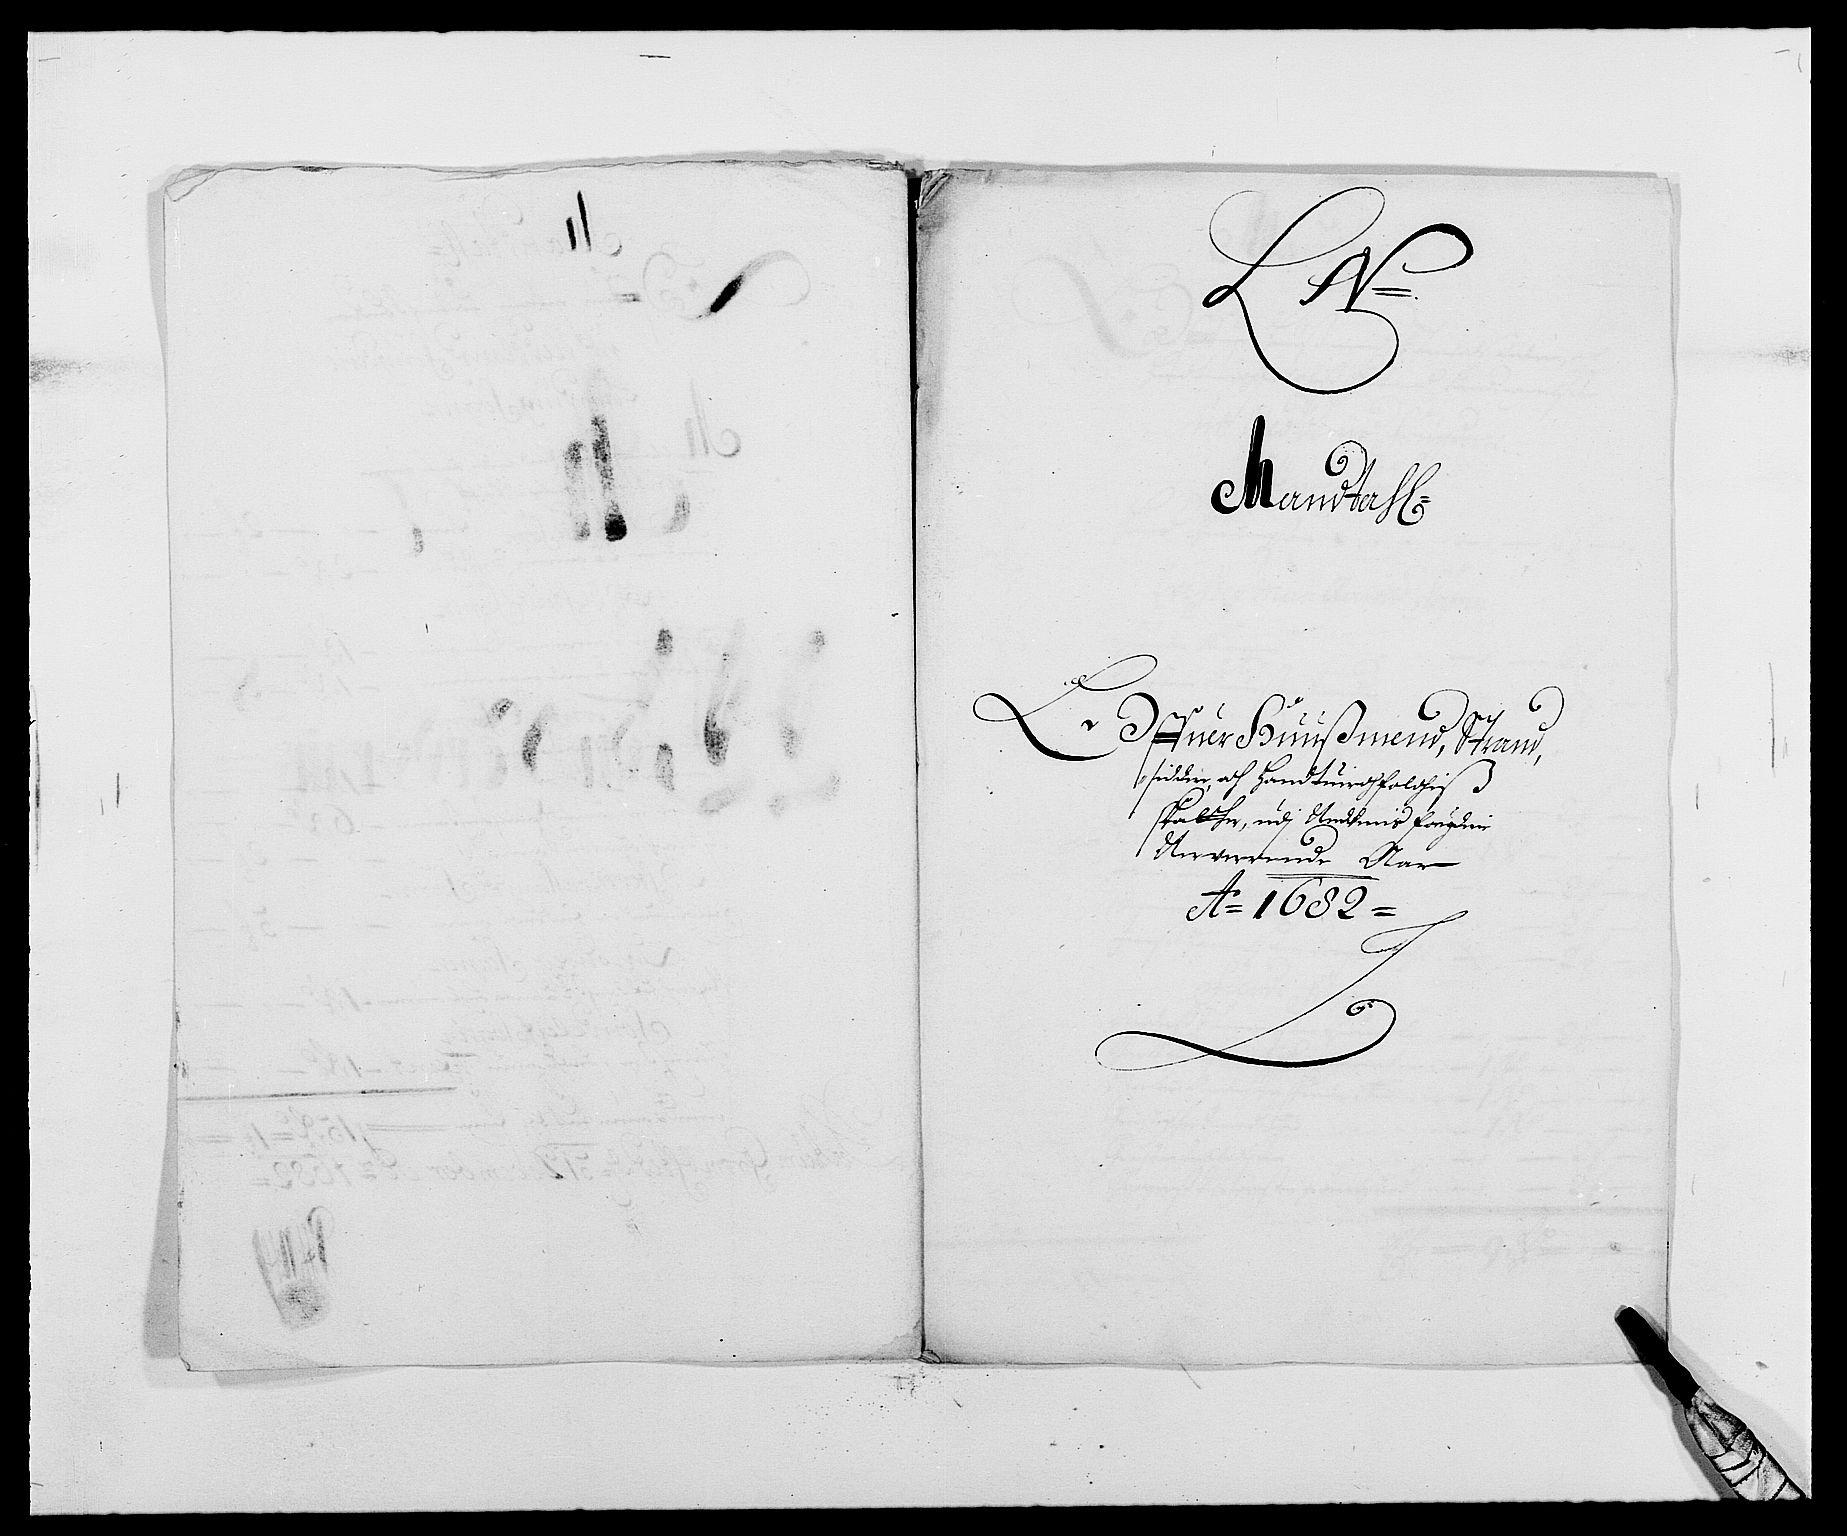 RA, Rentekammeret inntil 1814, Reviderte regnskaper, Fogderegnskap, R39/L2304: Fogderegnskap Nedenes, 1680-1682, s. 338